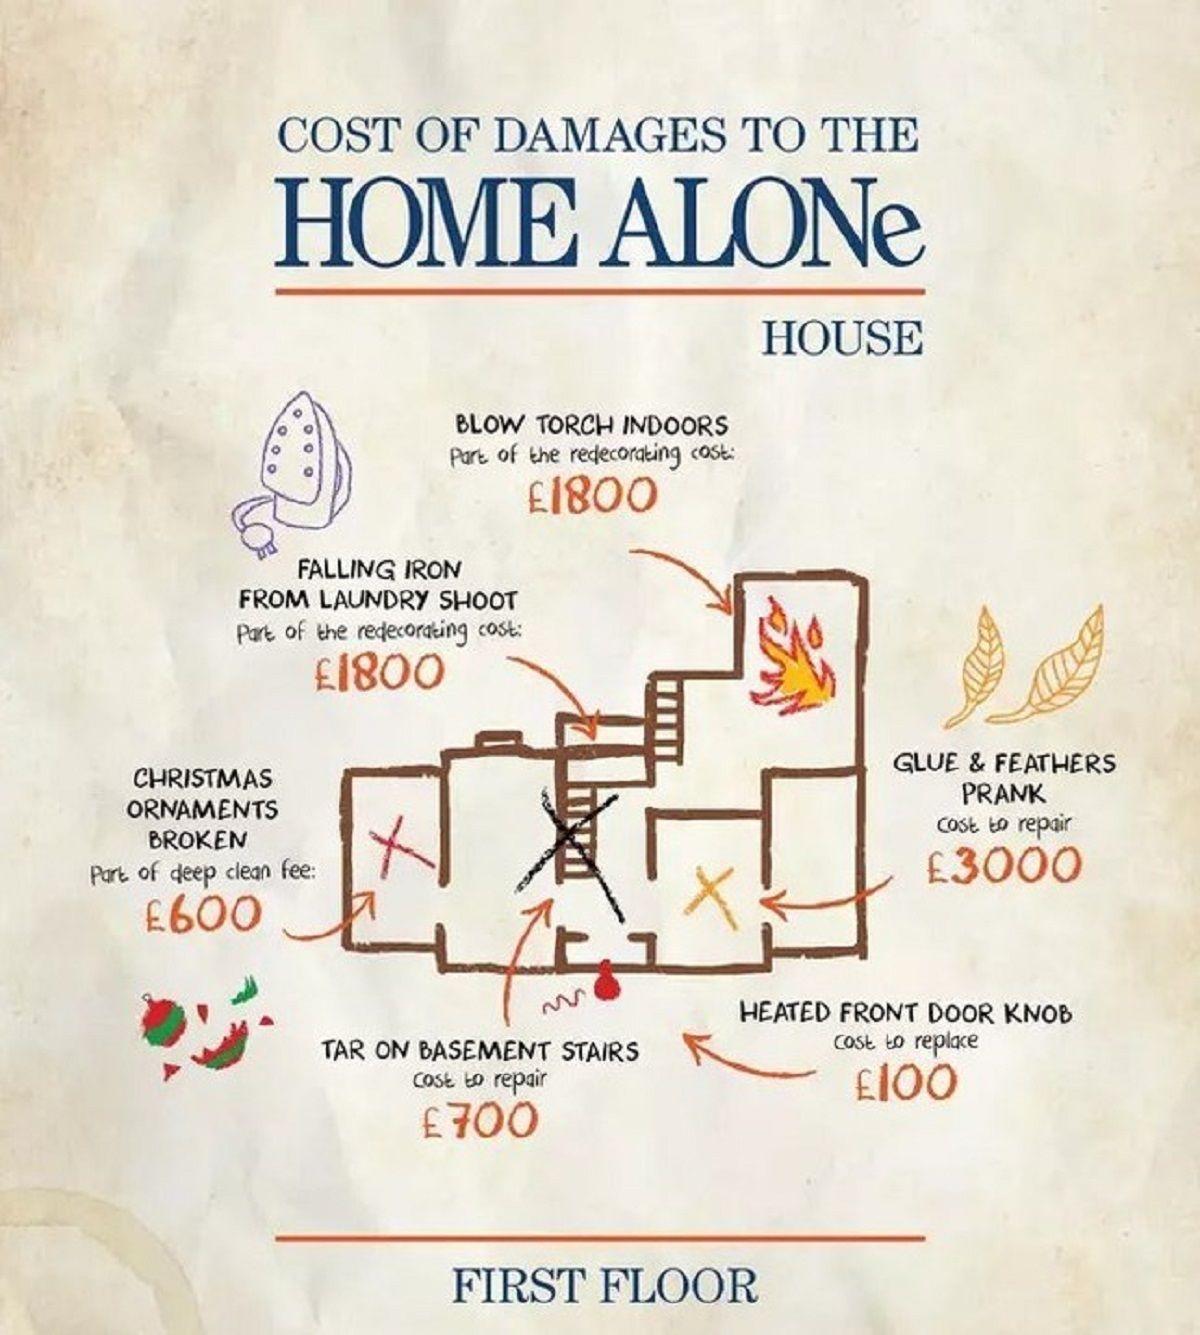 Σκίτσο που δείχνει πόσο κόστσαν οι ζημιές του πρώτου ορόφου στο Home Alone